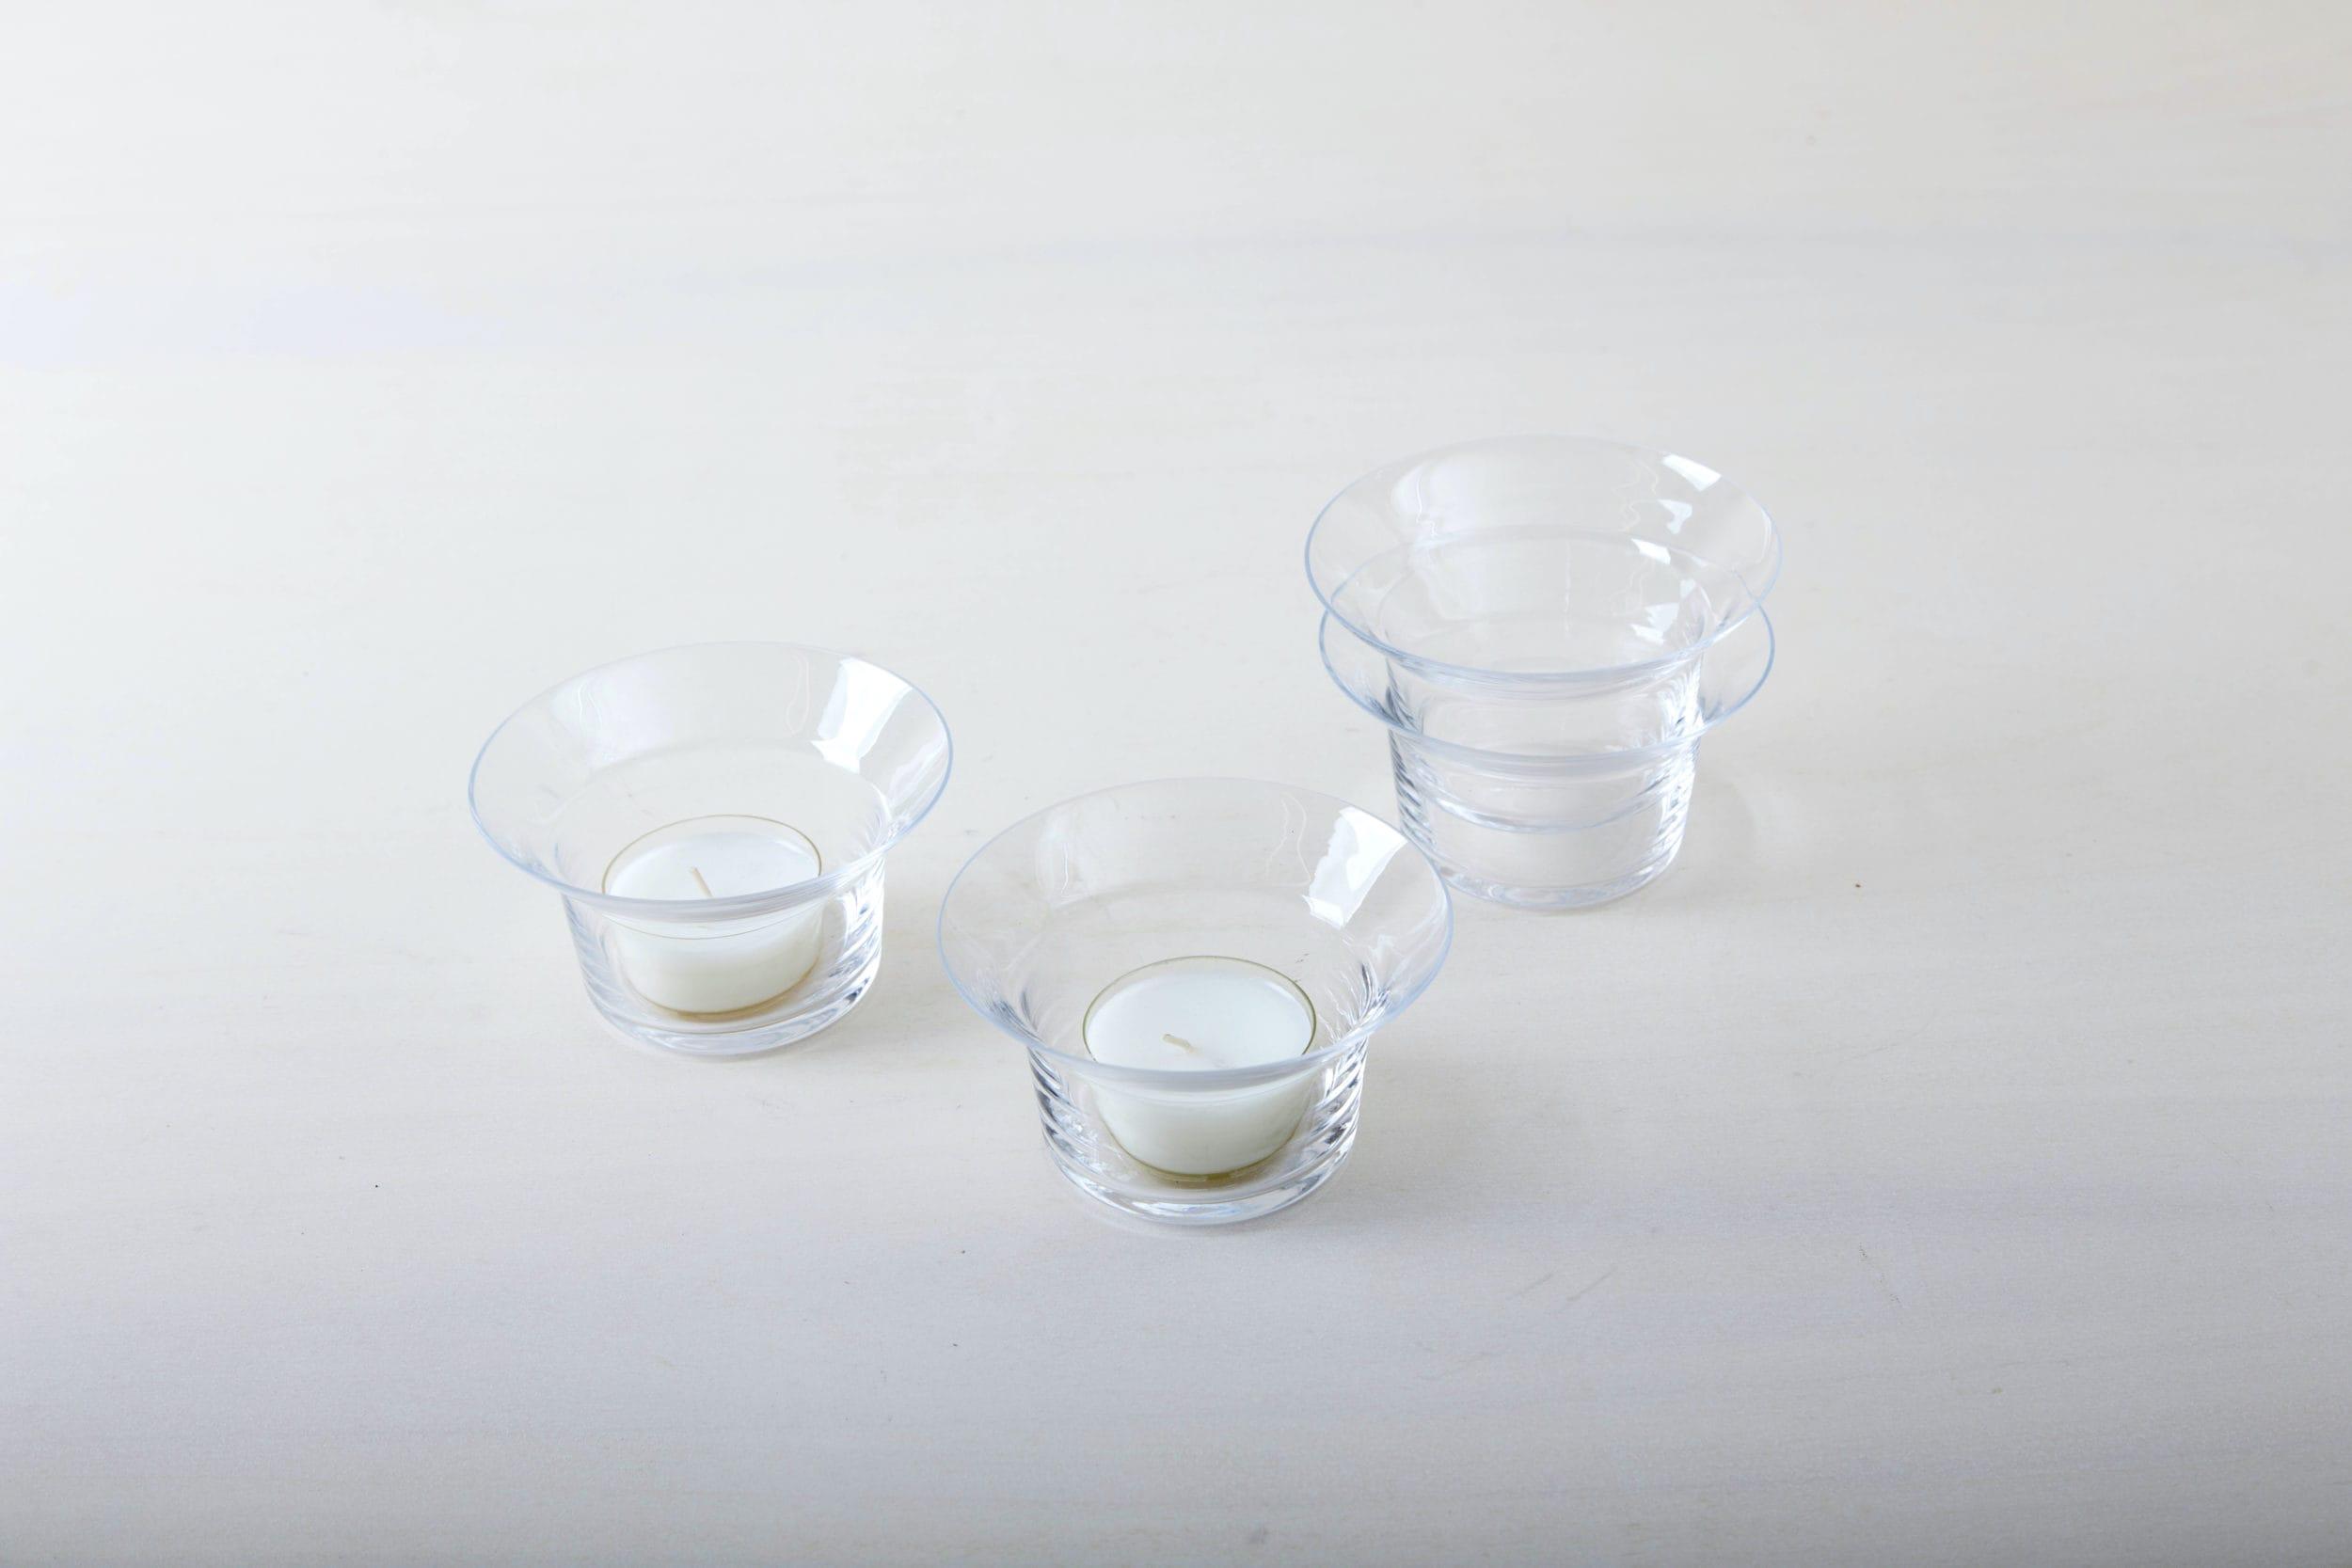 Schlichter Teelichthalter aus klarem Glas verschiedene Größen zu mieten